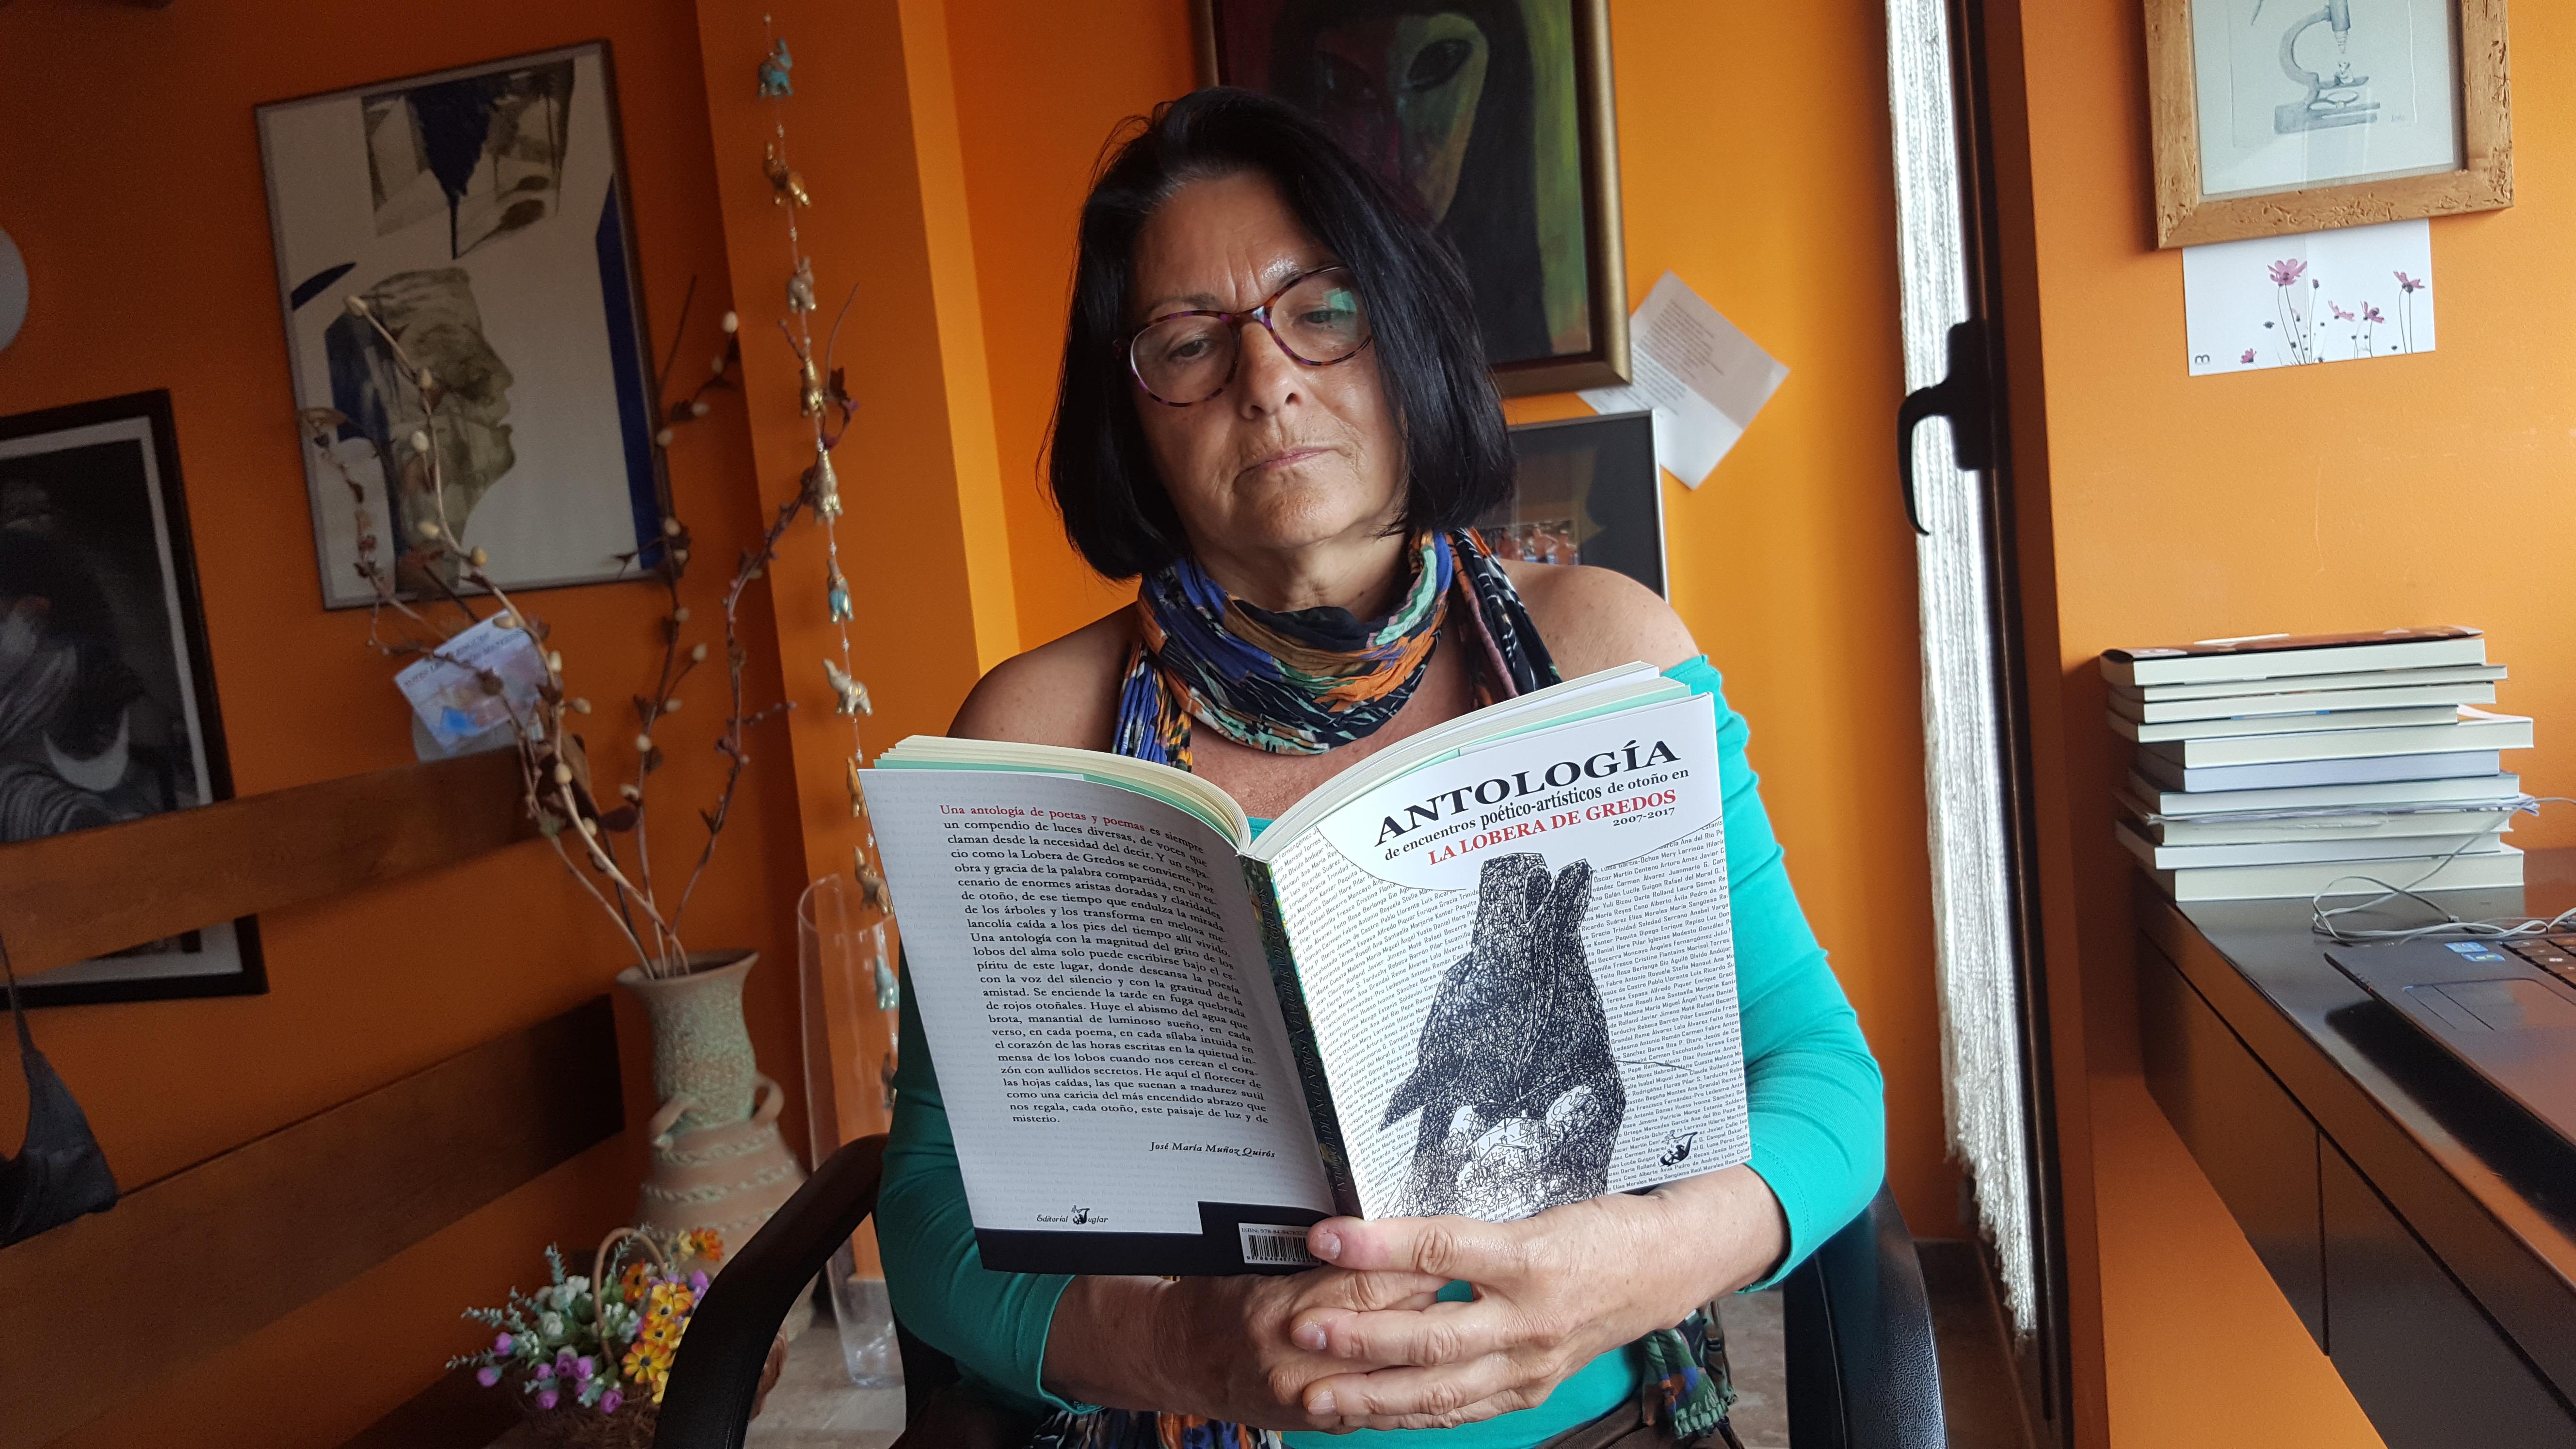 L'escriptora i poeta Anna Rossell/La escritora y poeta Anna Rossell